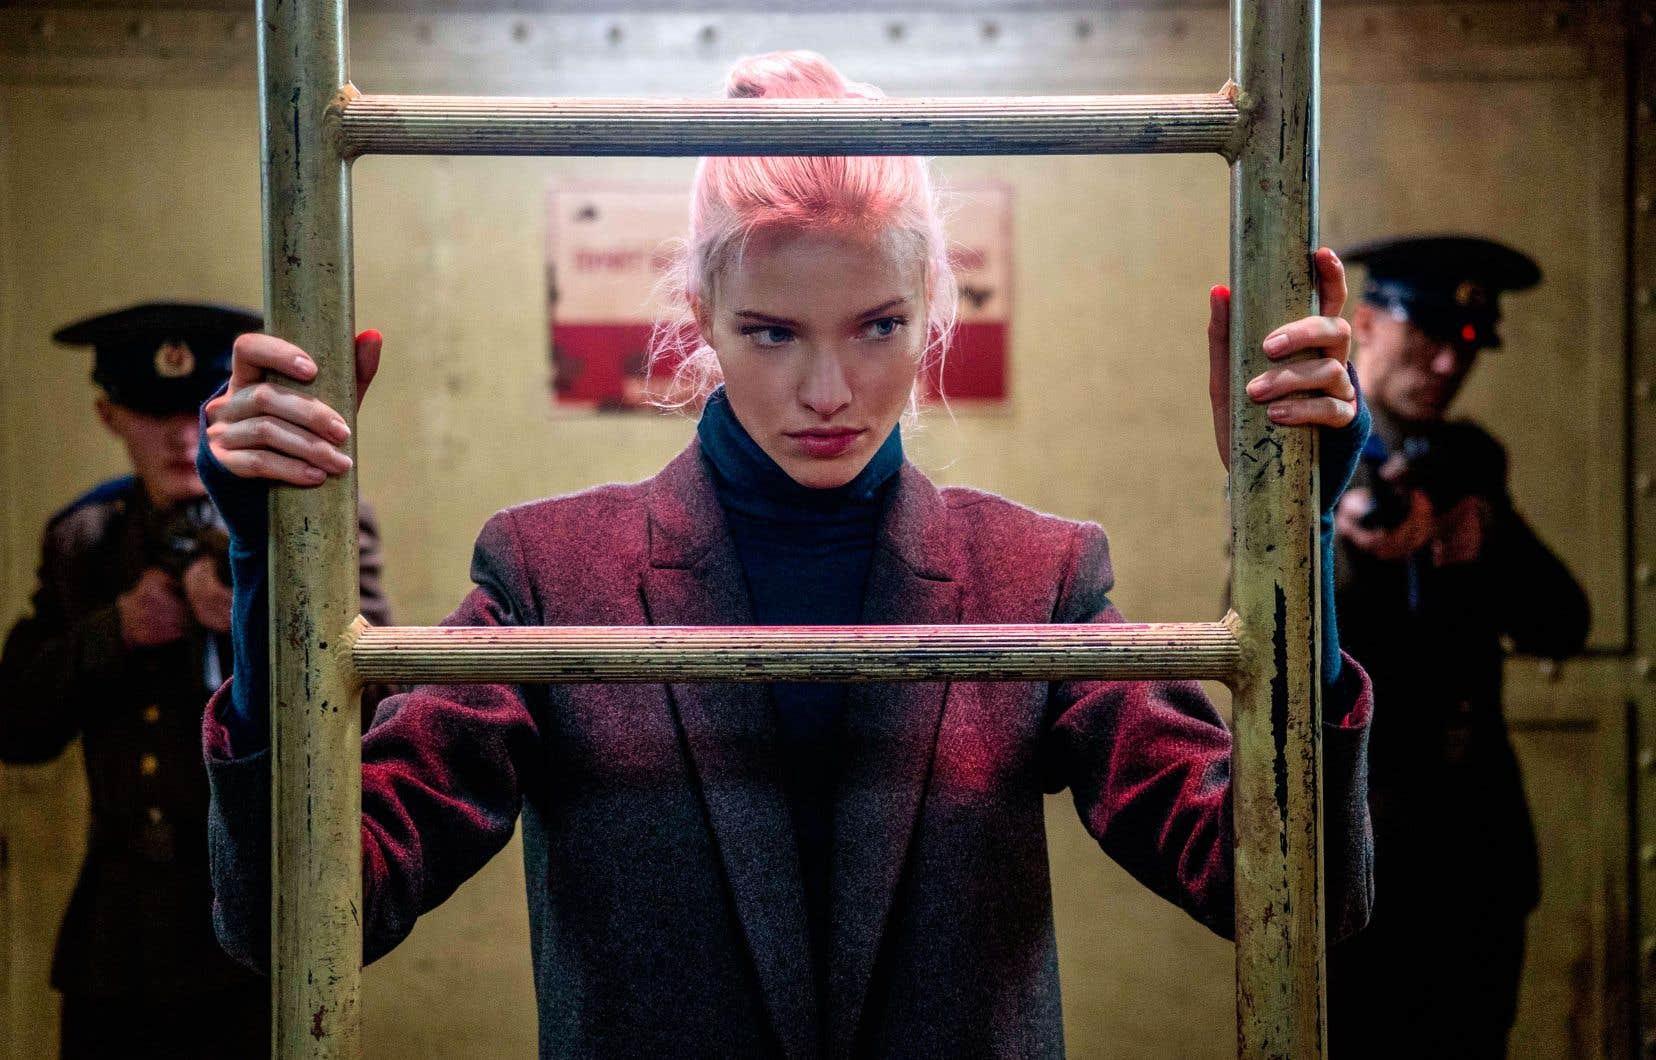 L'arme principale d'Anna (Sasha Luss) est la séduction: elle charme, titille, couche et tue, des victimes exclusivement mâles. Loin d'être anecdotique, cet aspect trahit une ambivalence révélatrice, en cela que la femme est un danger pour l'homme chez Luc Besson.